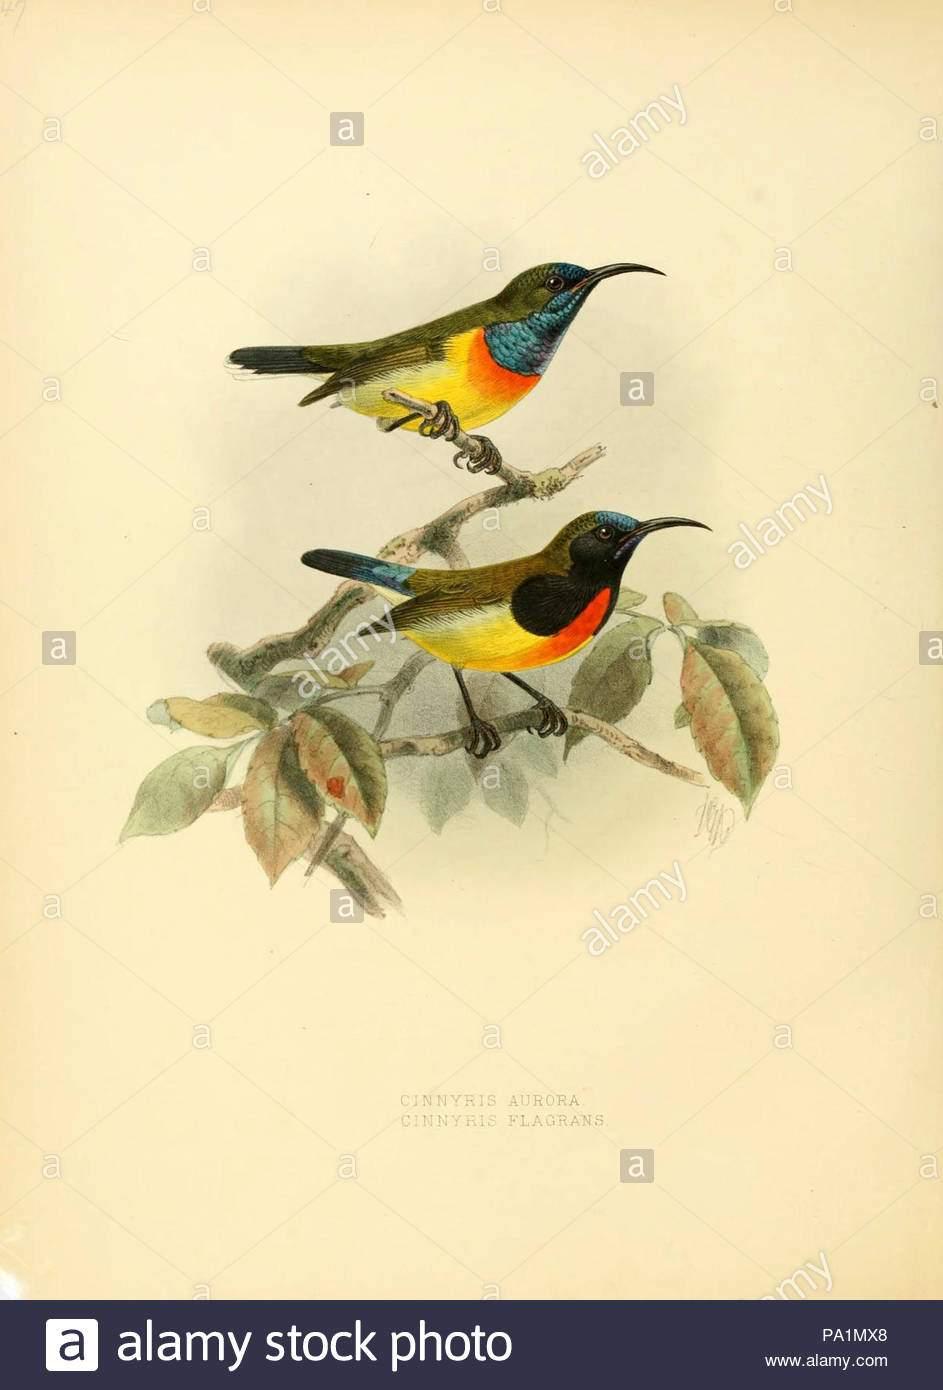 eine monographie uber nectariniidae oder familie des sonne vogel pa1mx8